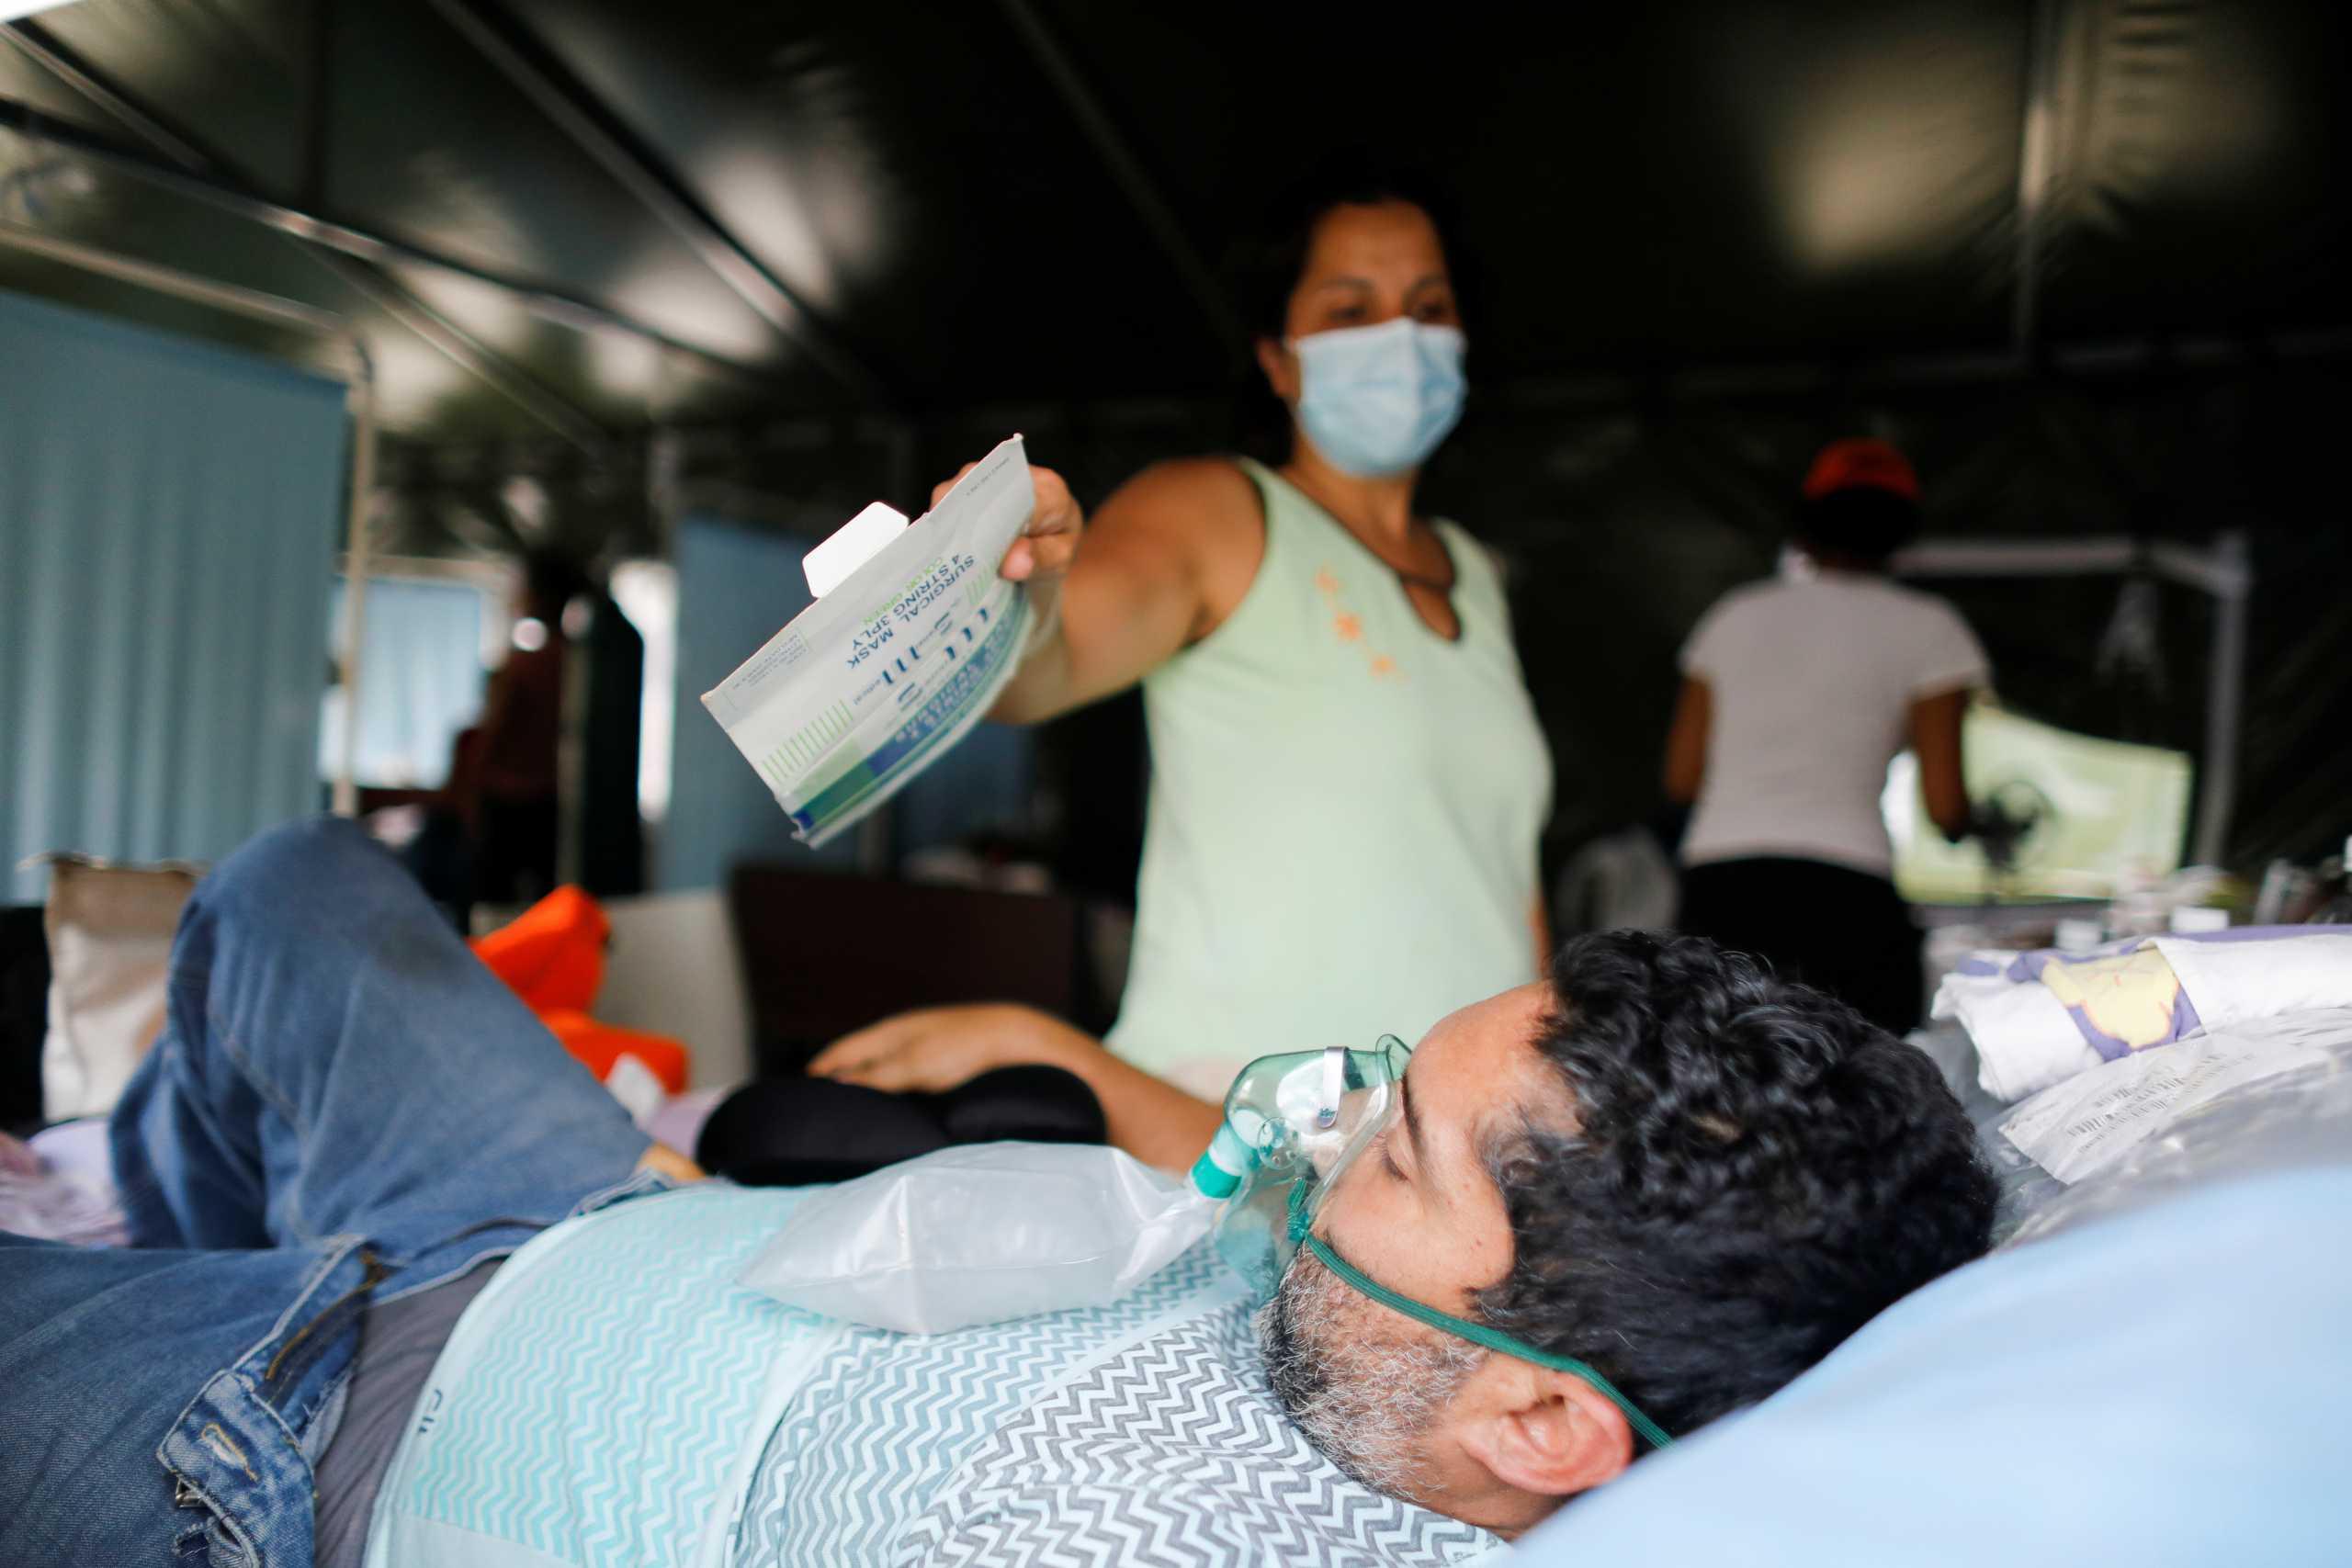 Βενεζουέλα: Ρεκόρ 1.288 κρουσμάτων από κορονοϊό σε ένα 24ωρο